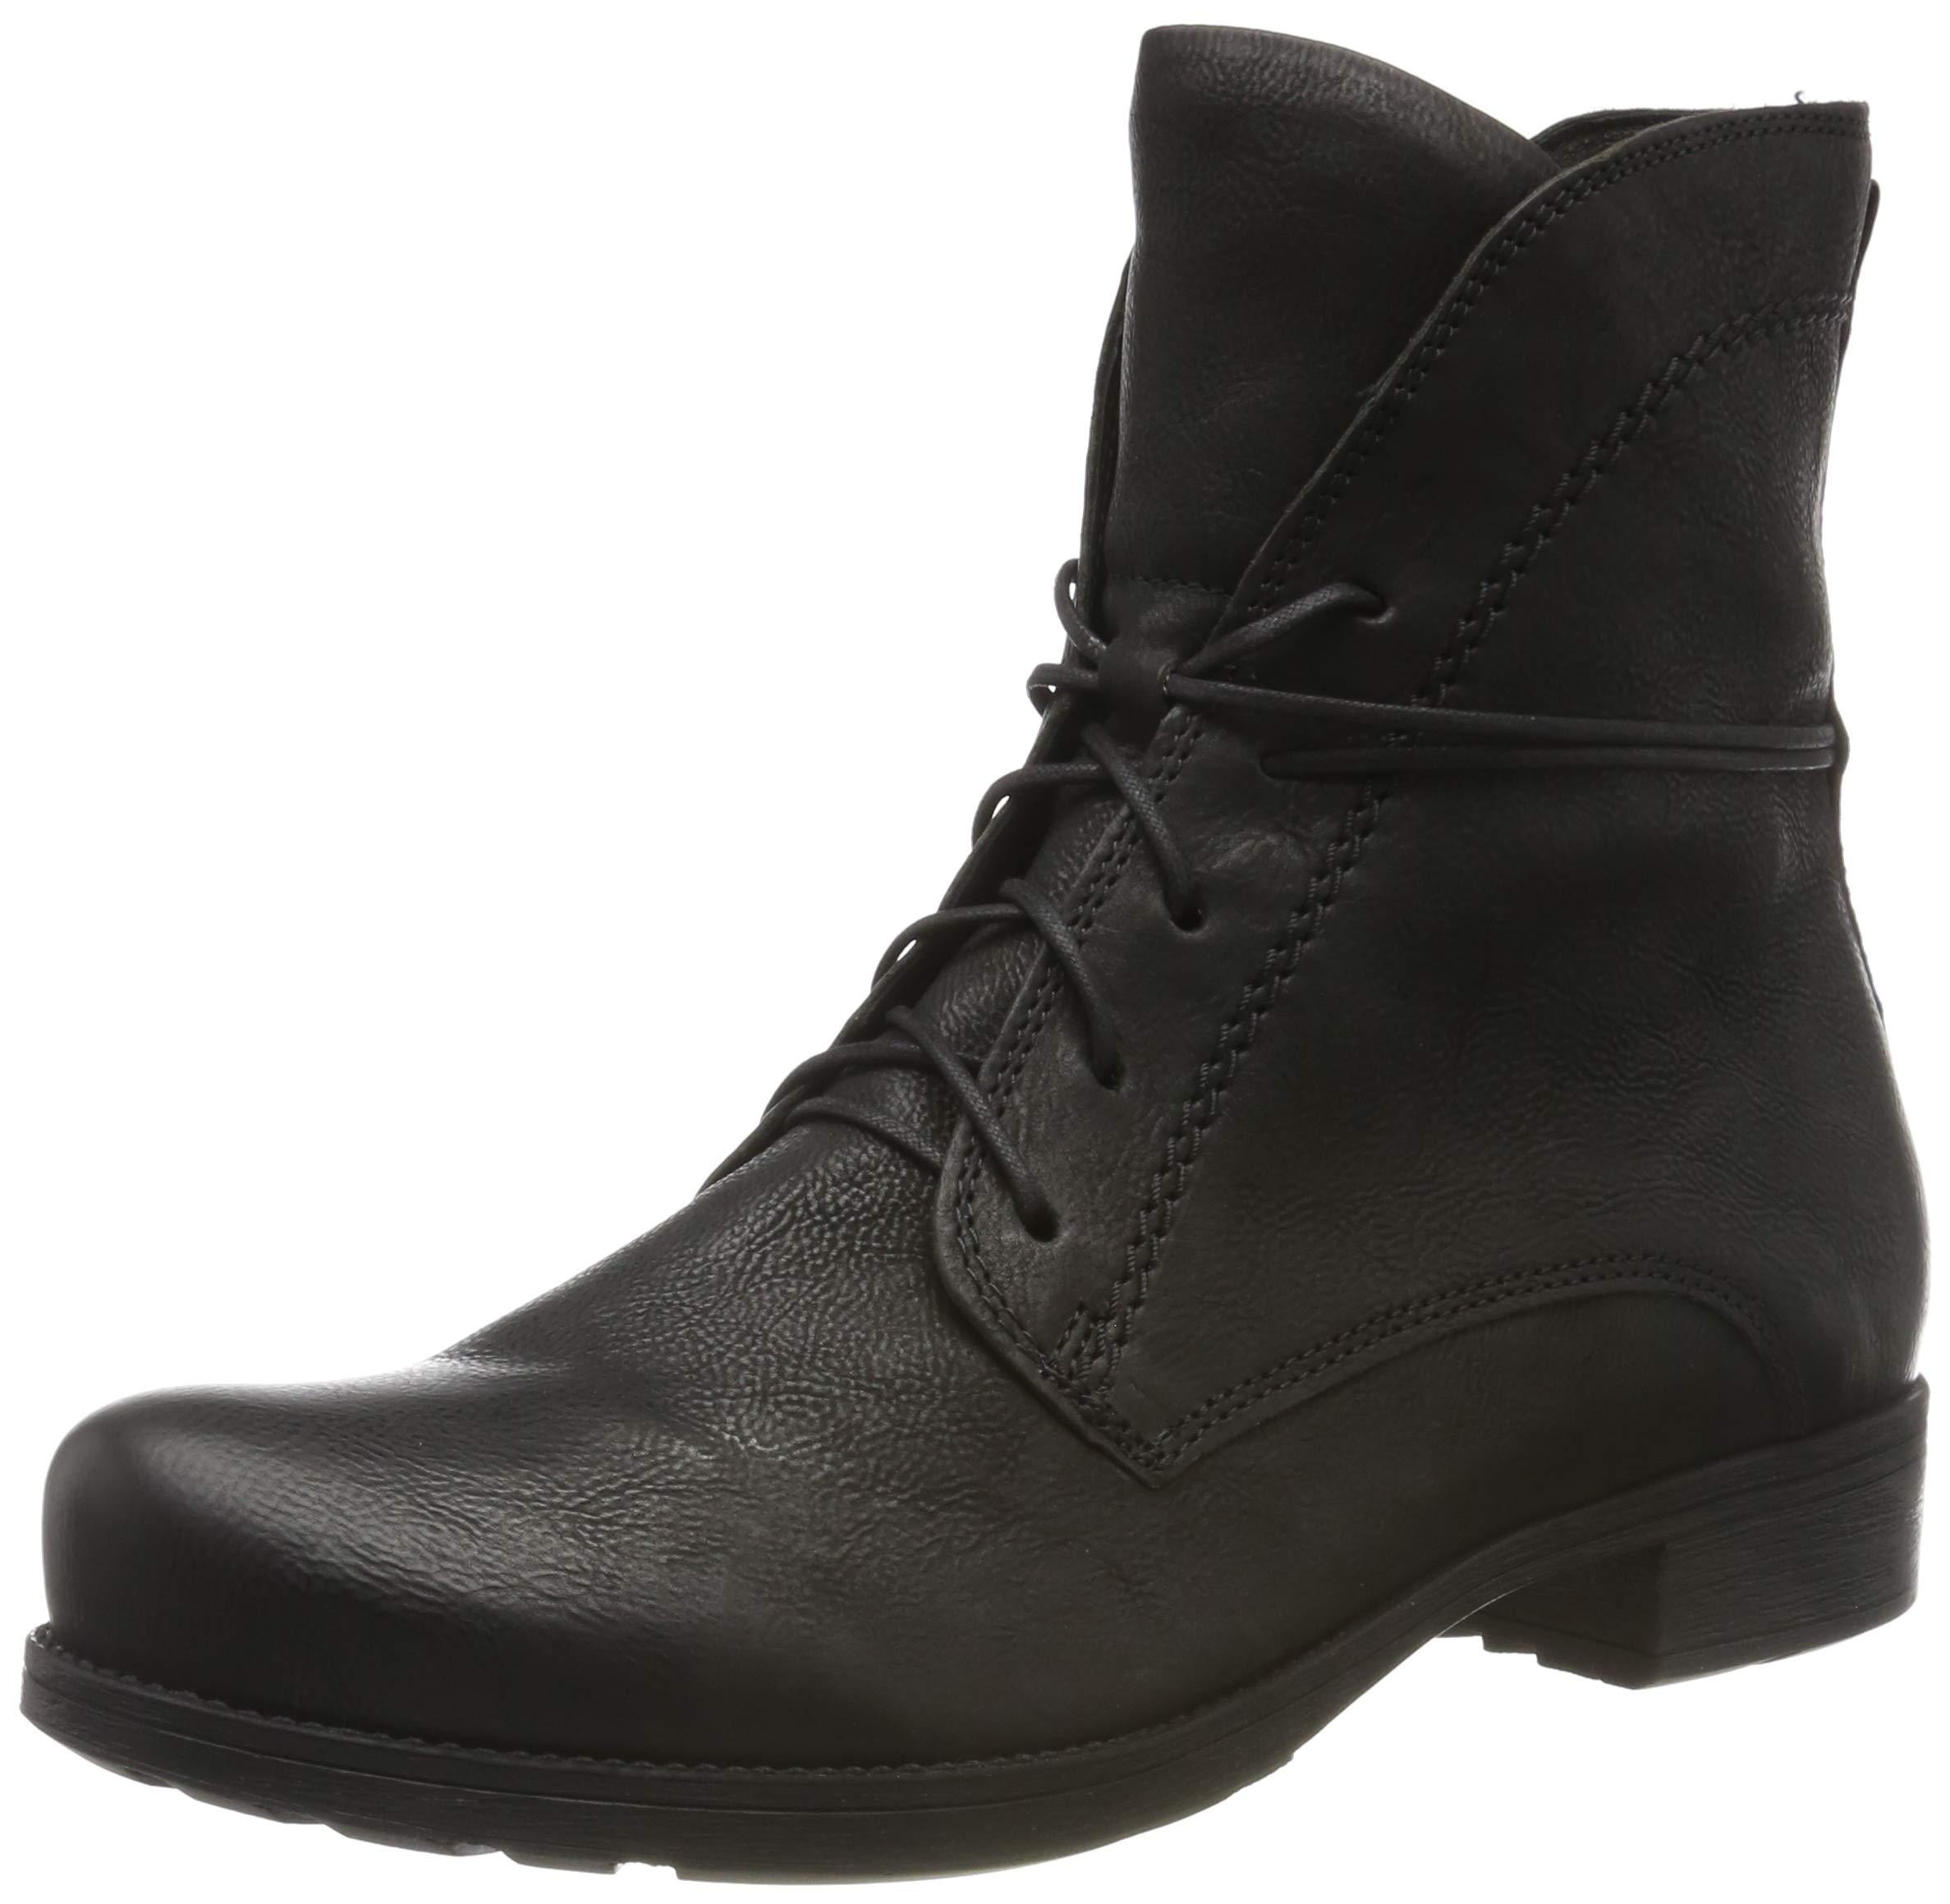 585012Desert Eu 5 ThinkDenk Boots Femmeschwarz 0039 yvm80wOnPN